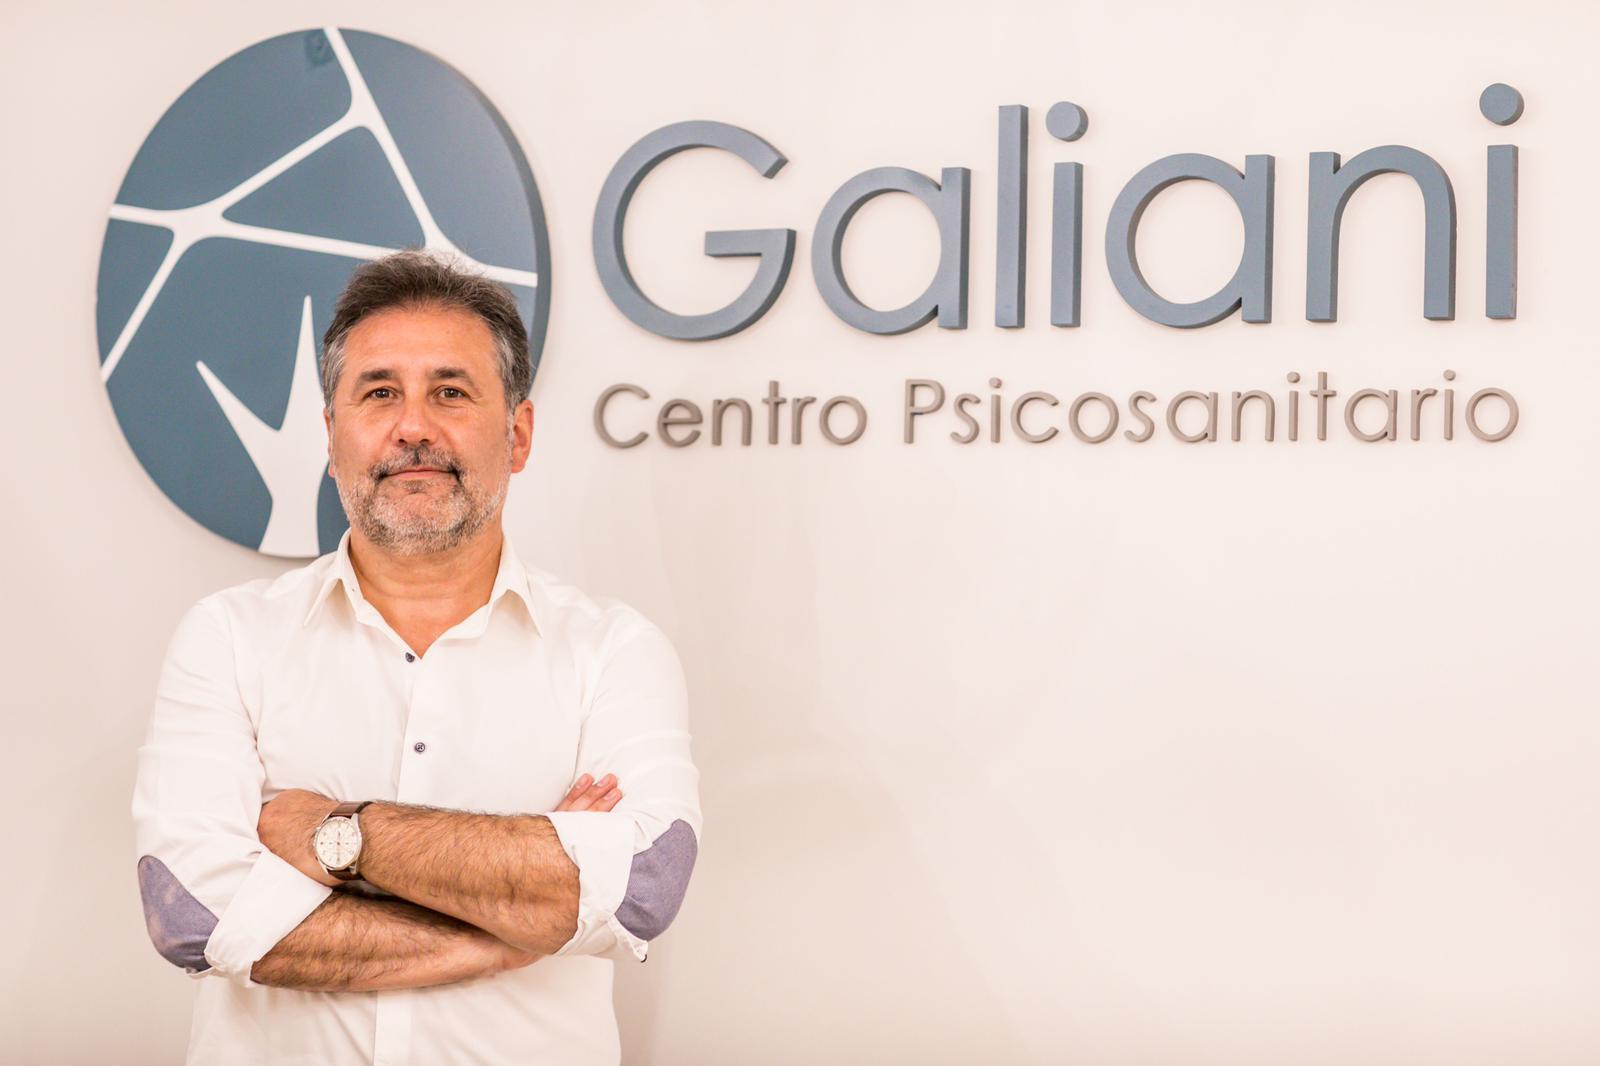 Centro Psicosanitario Galiani en 'A Primera Hora' de Canal Sur Radio: Cómo afrontar la vuelta al trabajo